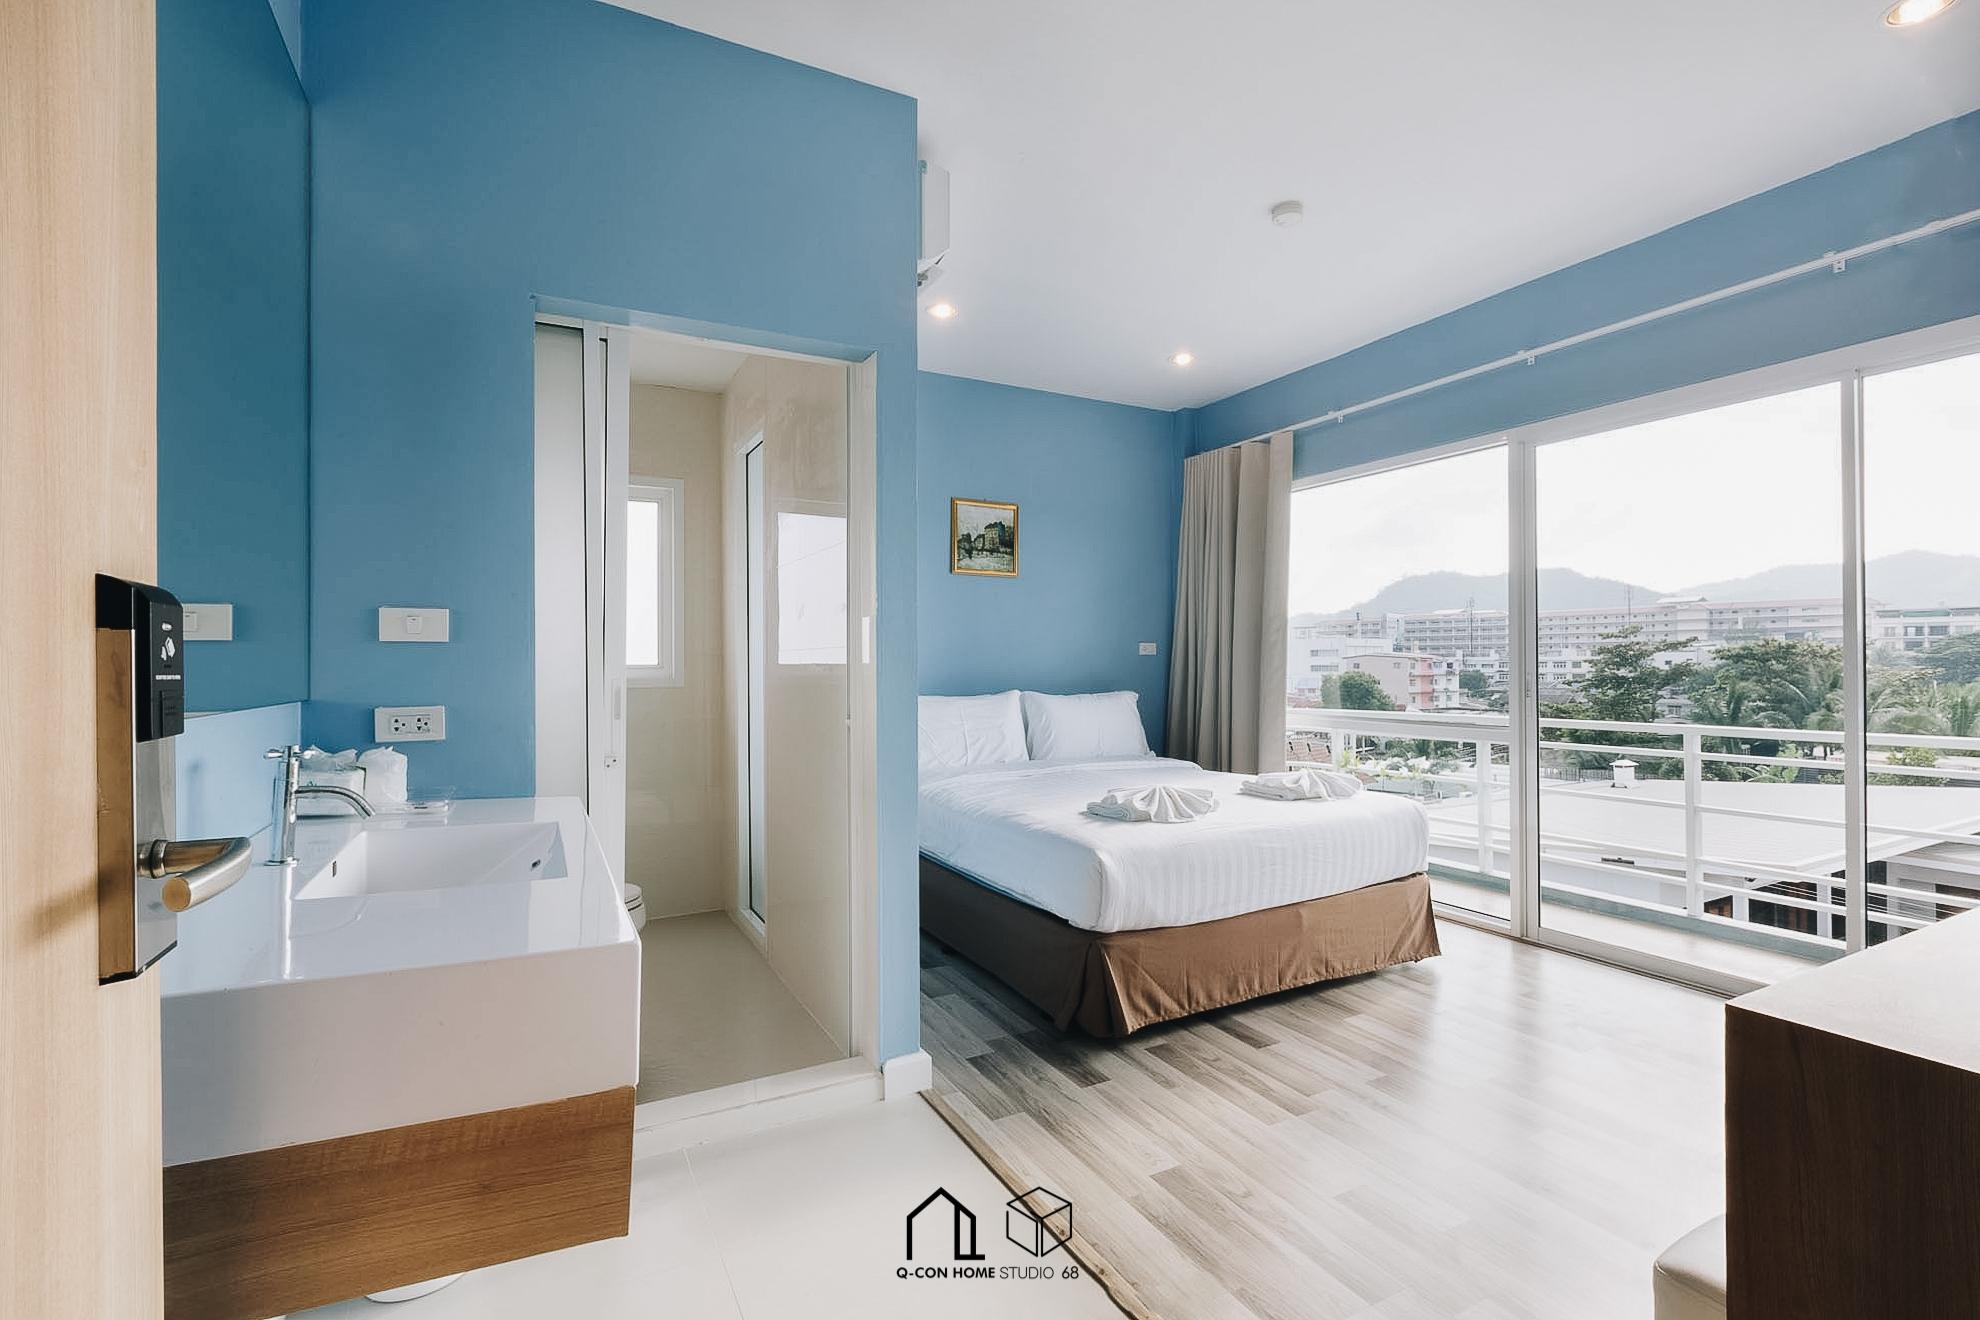 ออกแบบโรงแรมสไตล์ Modern, ออกแบบโรงแรม, รับสร้างโรงแรม, โรงแรม 4 ชั้น, ห้องพัก Deluxe